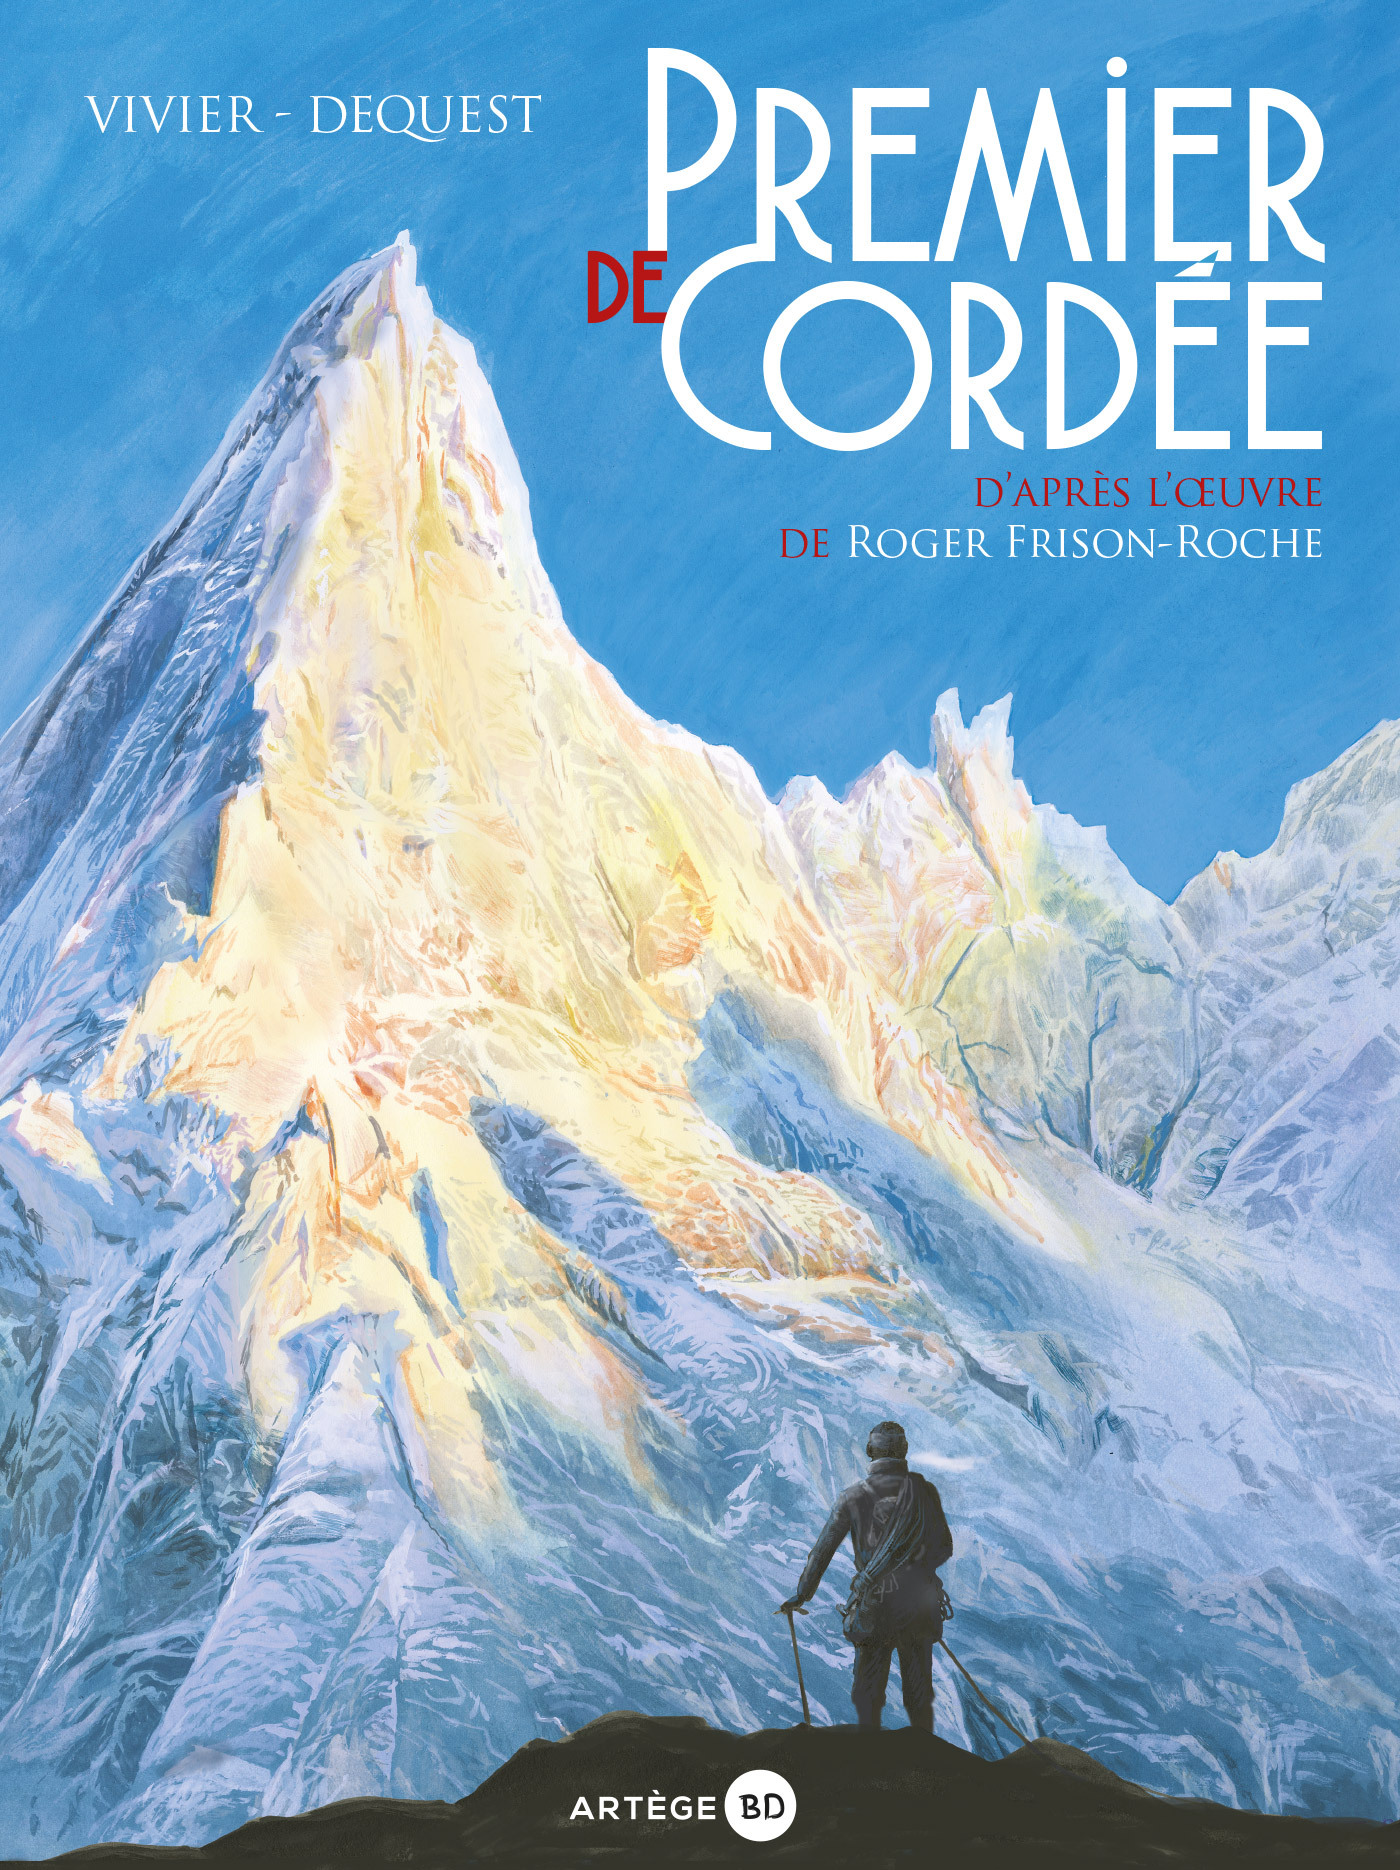 Premier de cordée, D'APRÈS L'OEUVRE DE ROGER FRISON-ROCHE